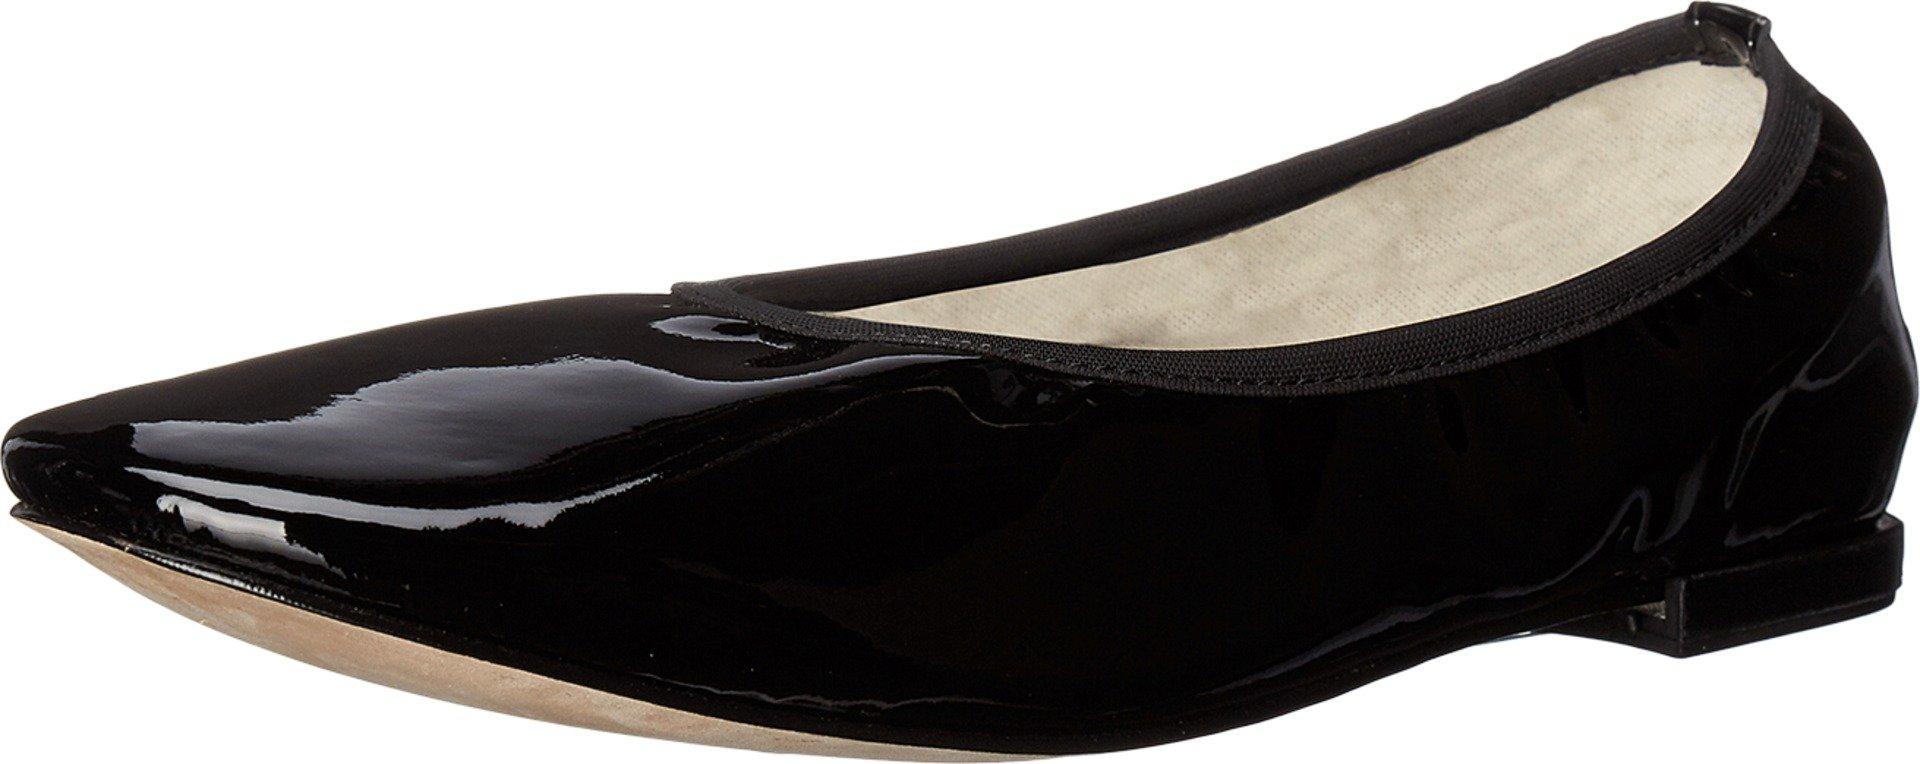 Repetto Women's Caruso Noir Athletic Shoe